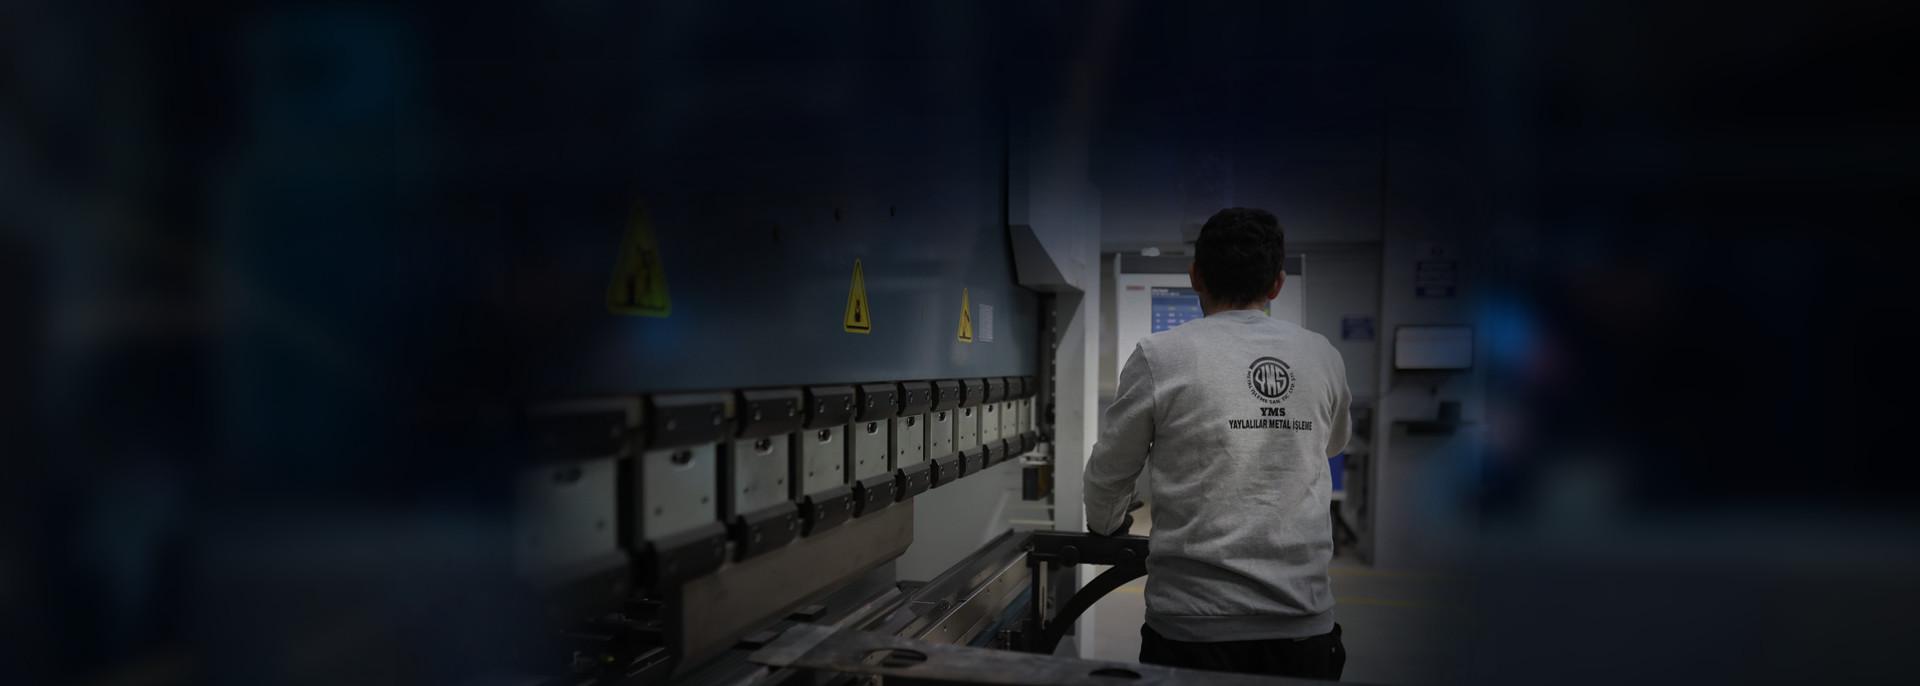 makinalarımız ile müşterilerimize kaliteli hizmet veriyoruz